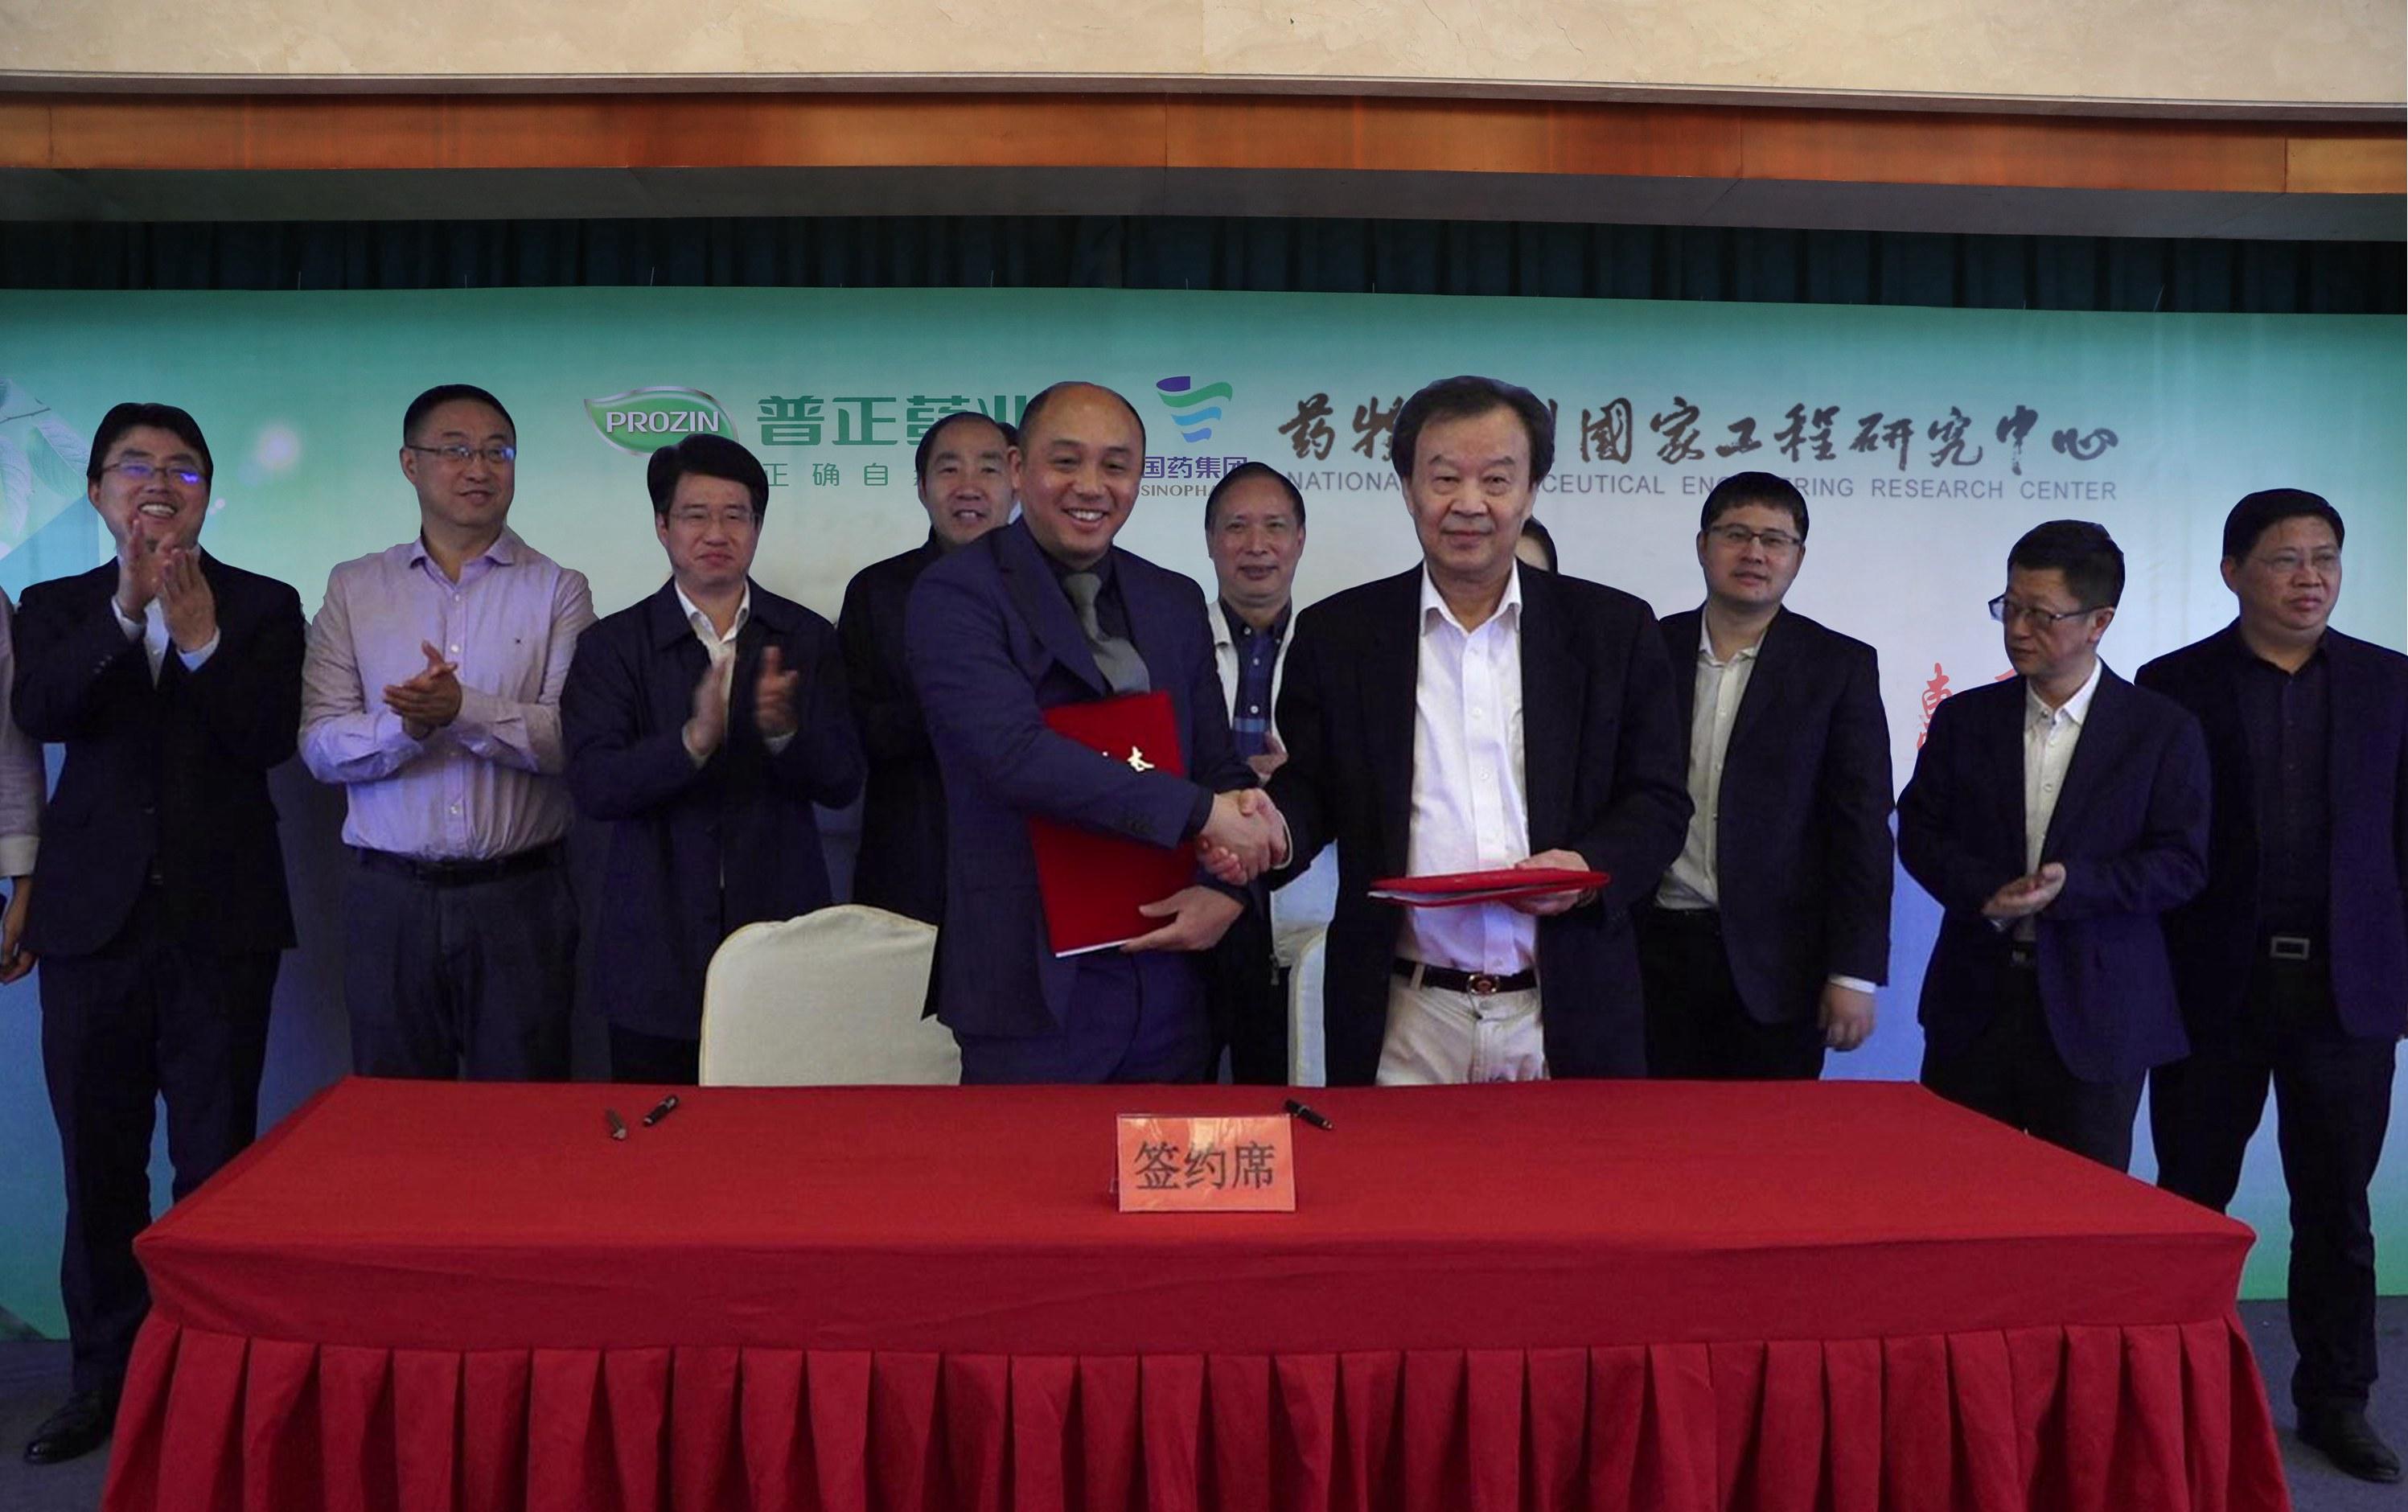 祝贺!江西普正制药股份有限公司新建省级院士工作站通过专家评审